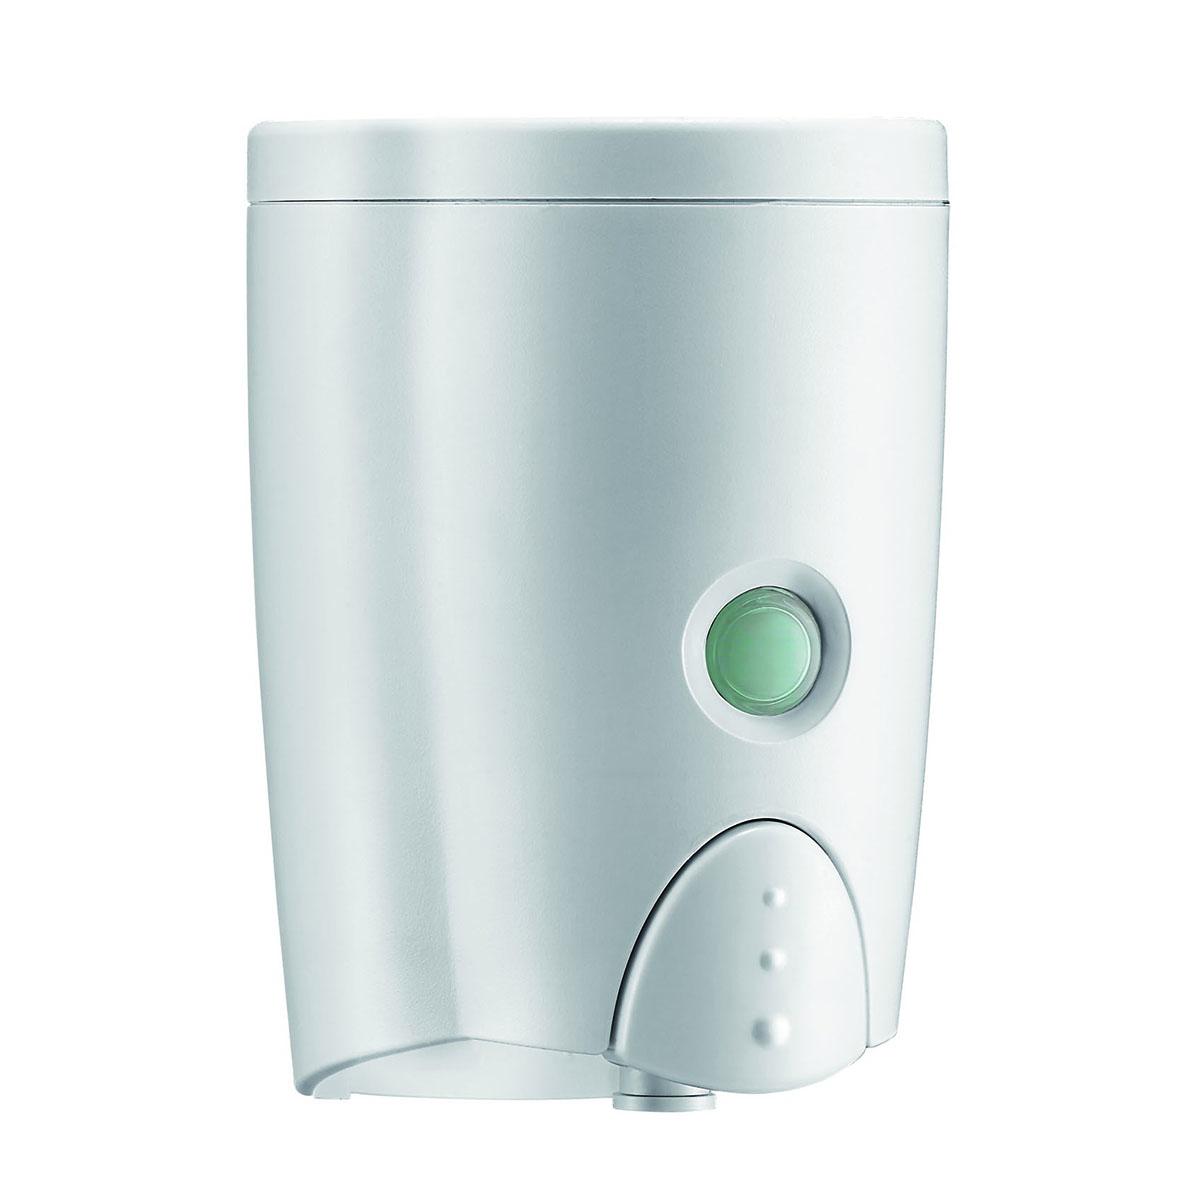 hand soap dispenser - Hand Soap Dispenser